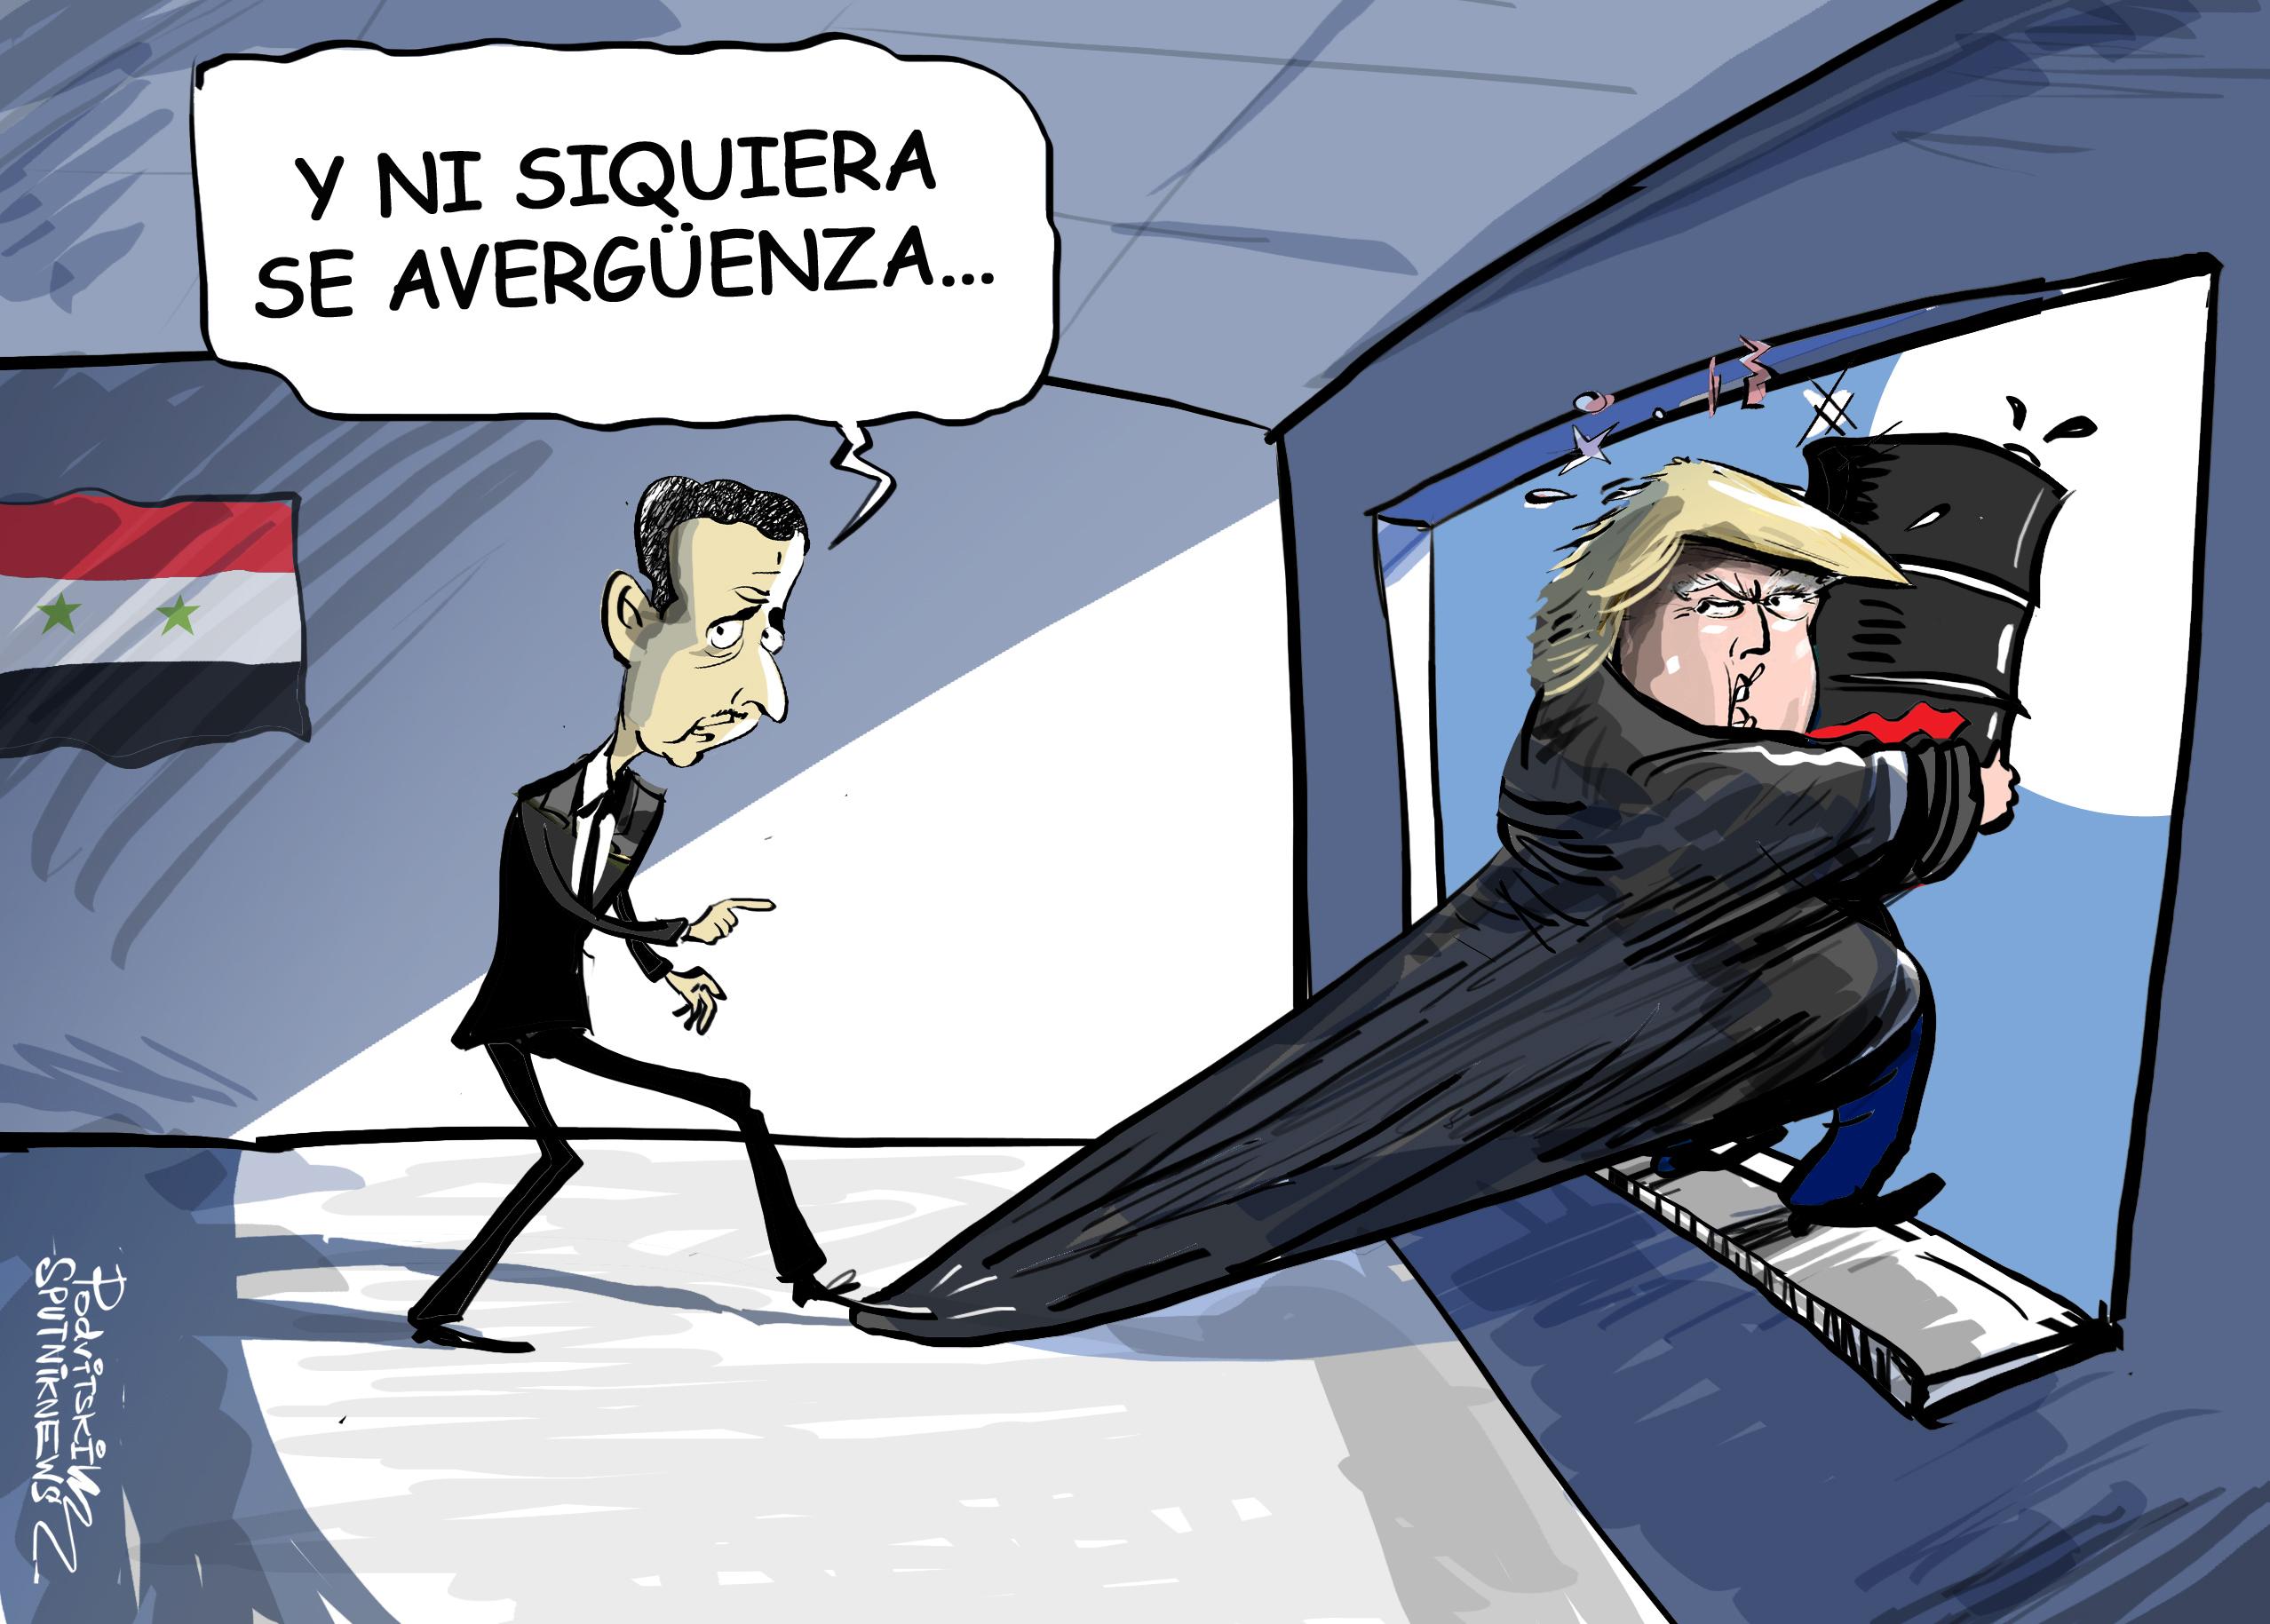 Trump es el mejor presidente de EEUU en opinión de Asad gracias a... su sinceridad